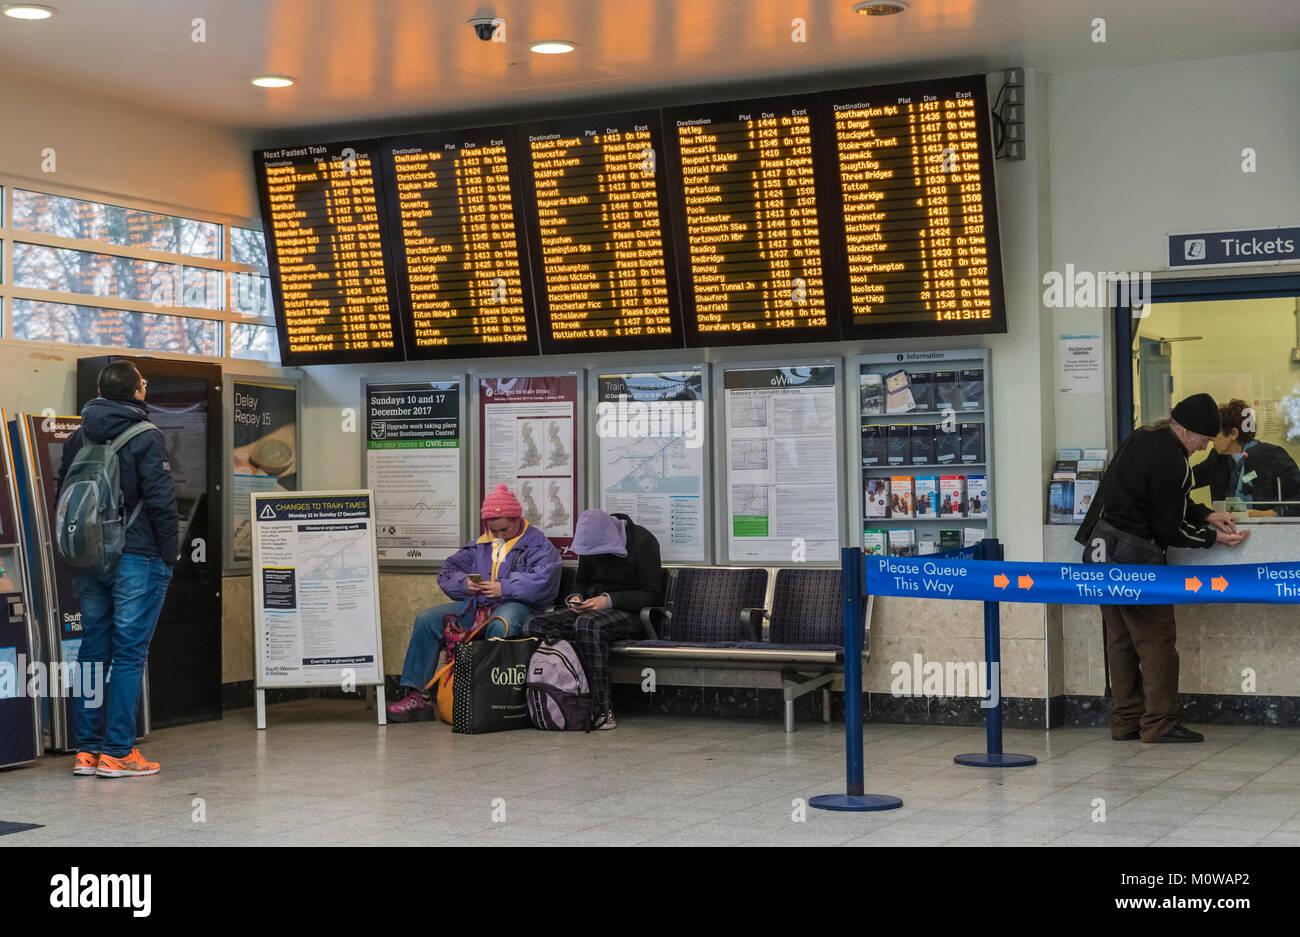 La biglietteria e la partenza del treno volte pensione in un British railway station in Inghilterra, Regno Unito. Immagini Stock